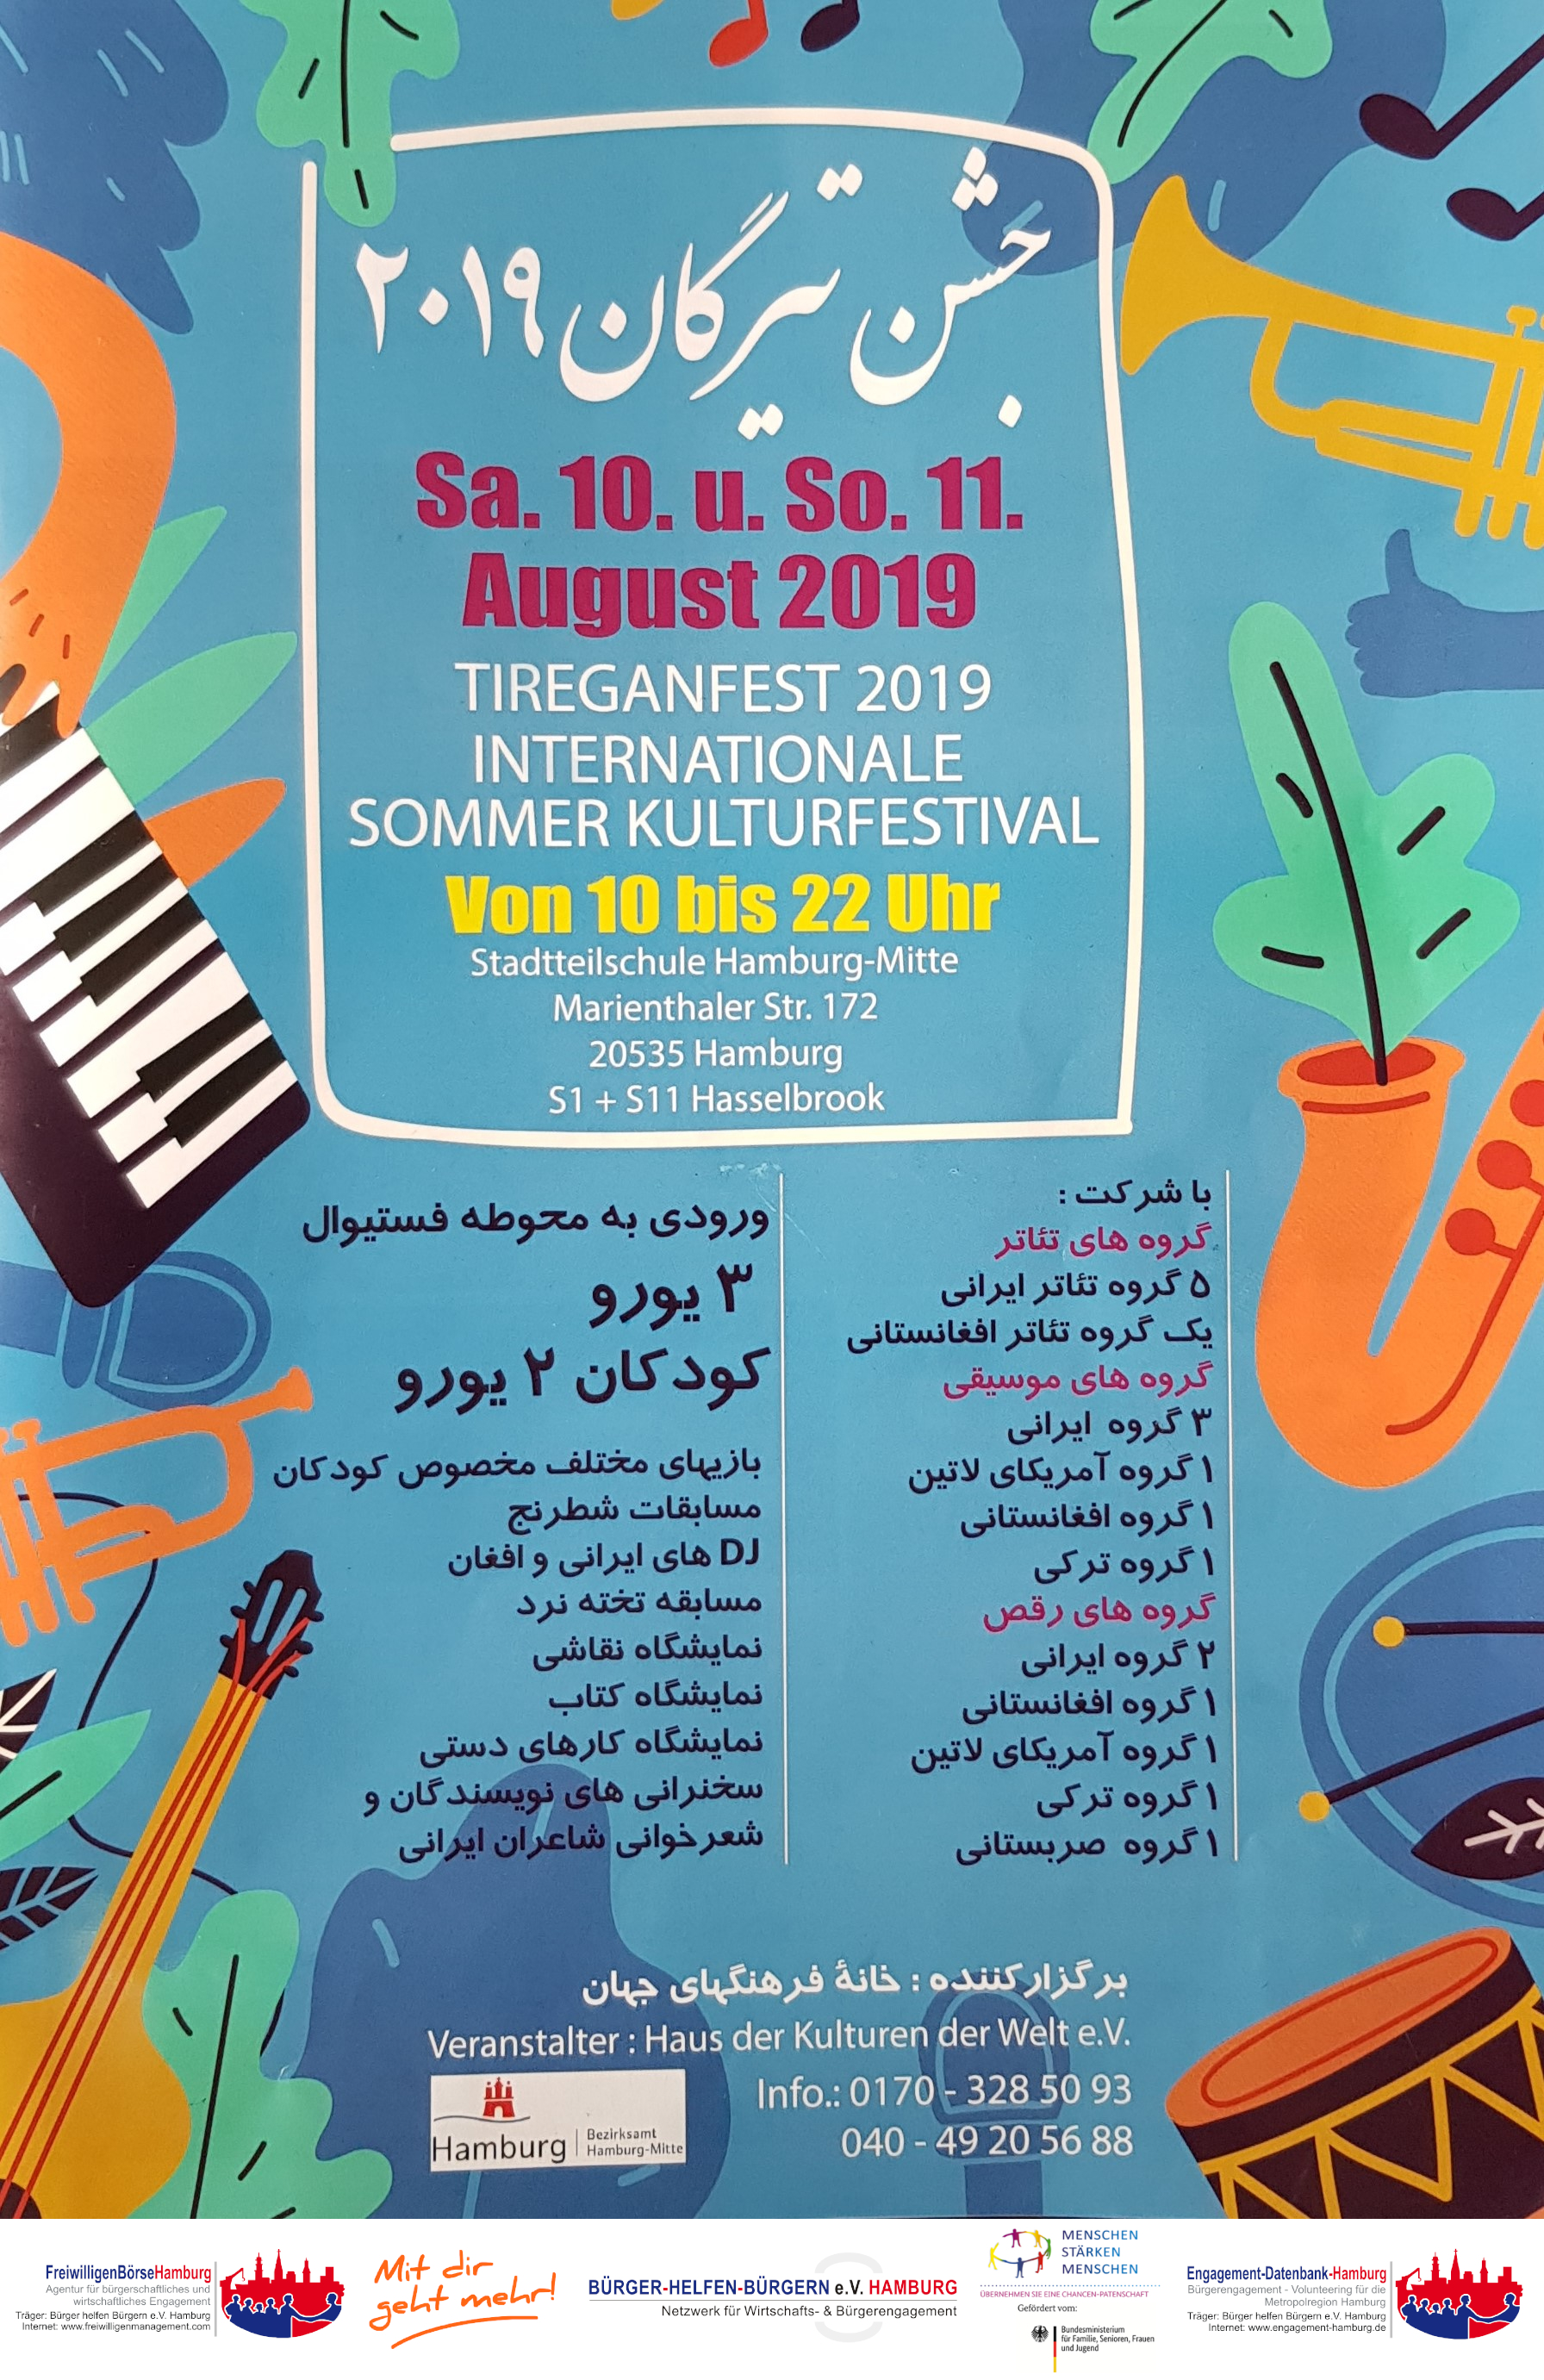 Tireganfest 2019 - FreiwilligenBörseHamburg ist Mitveranstalter